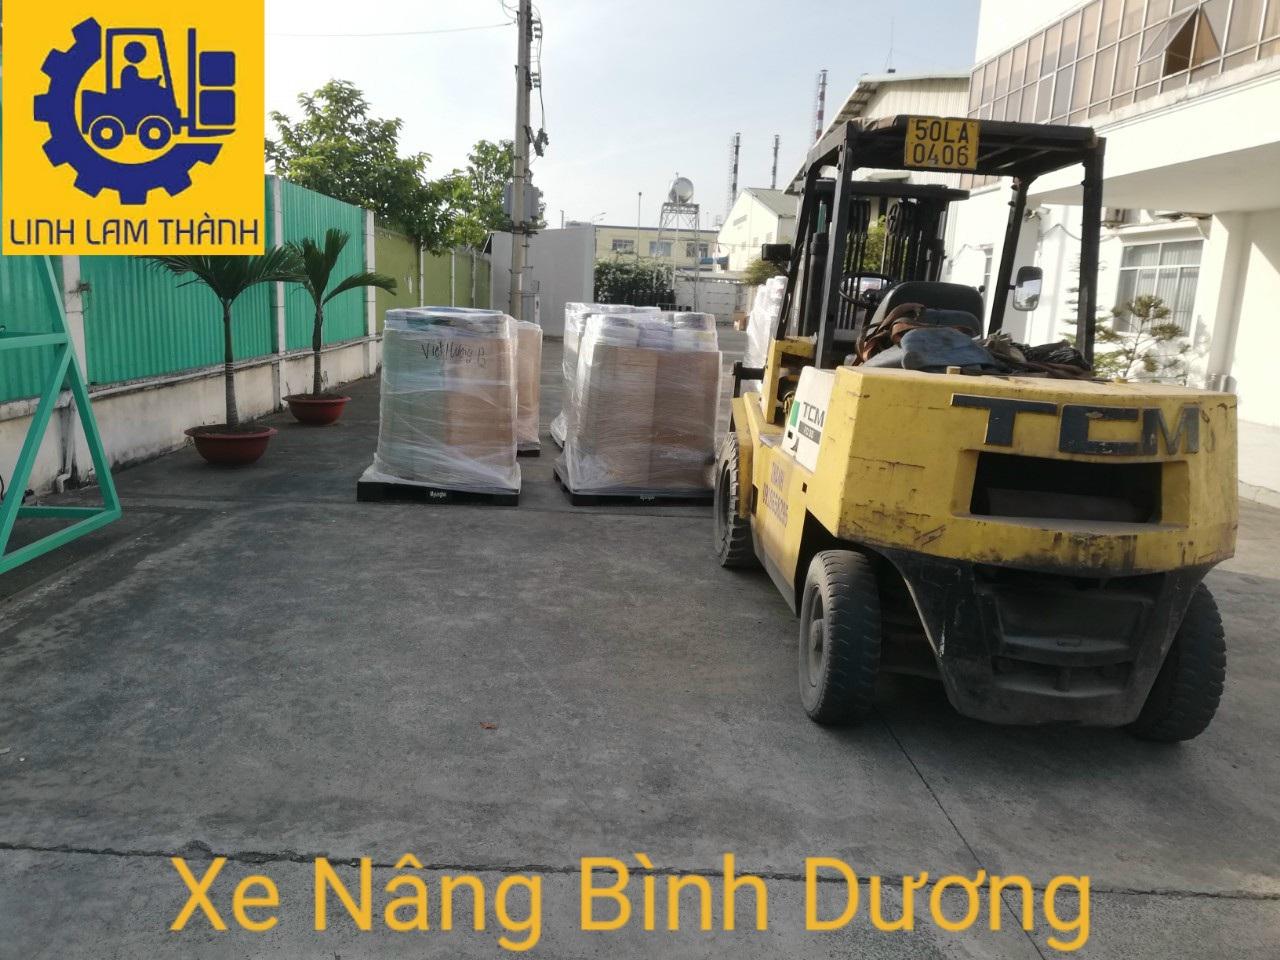 Dịch Vụ Xuống Hàng Dây Điện Công Nghiệp.